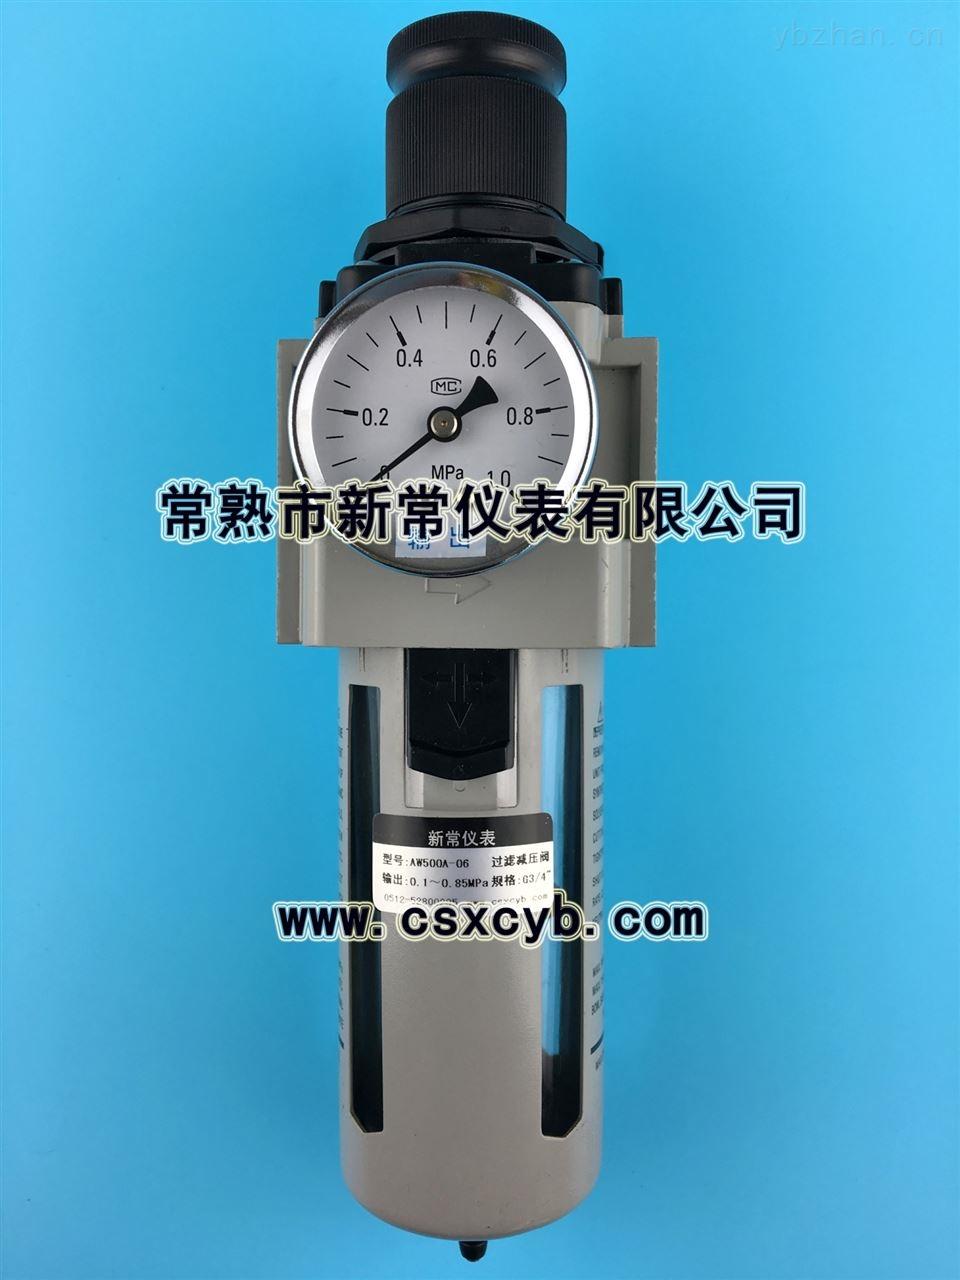 新款減壓過濾閥AW4000A-04,AW500A-06